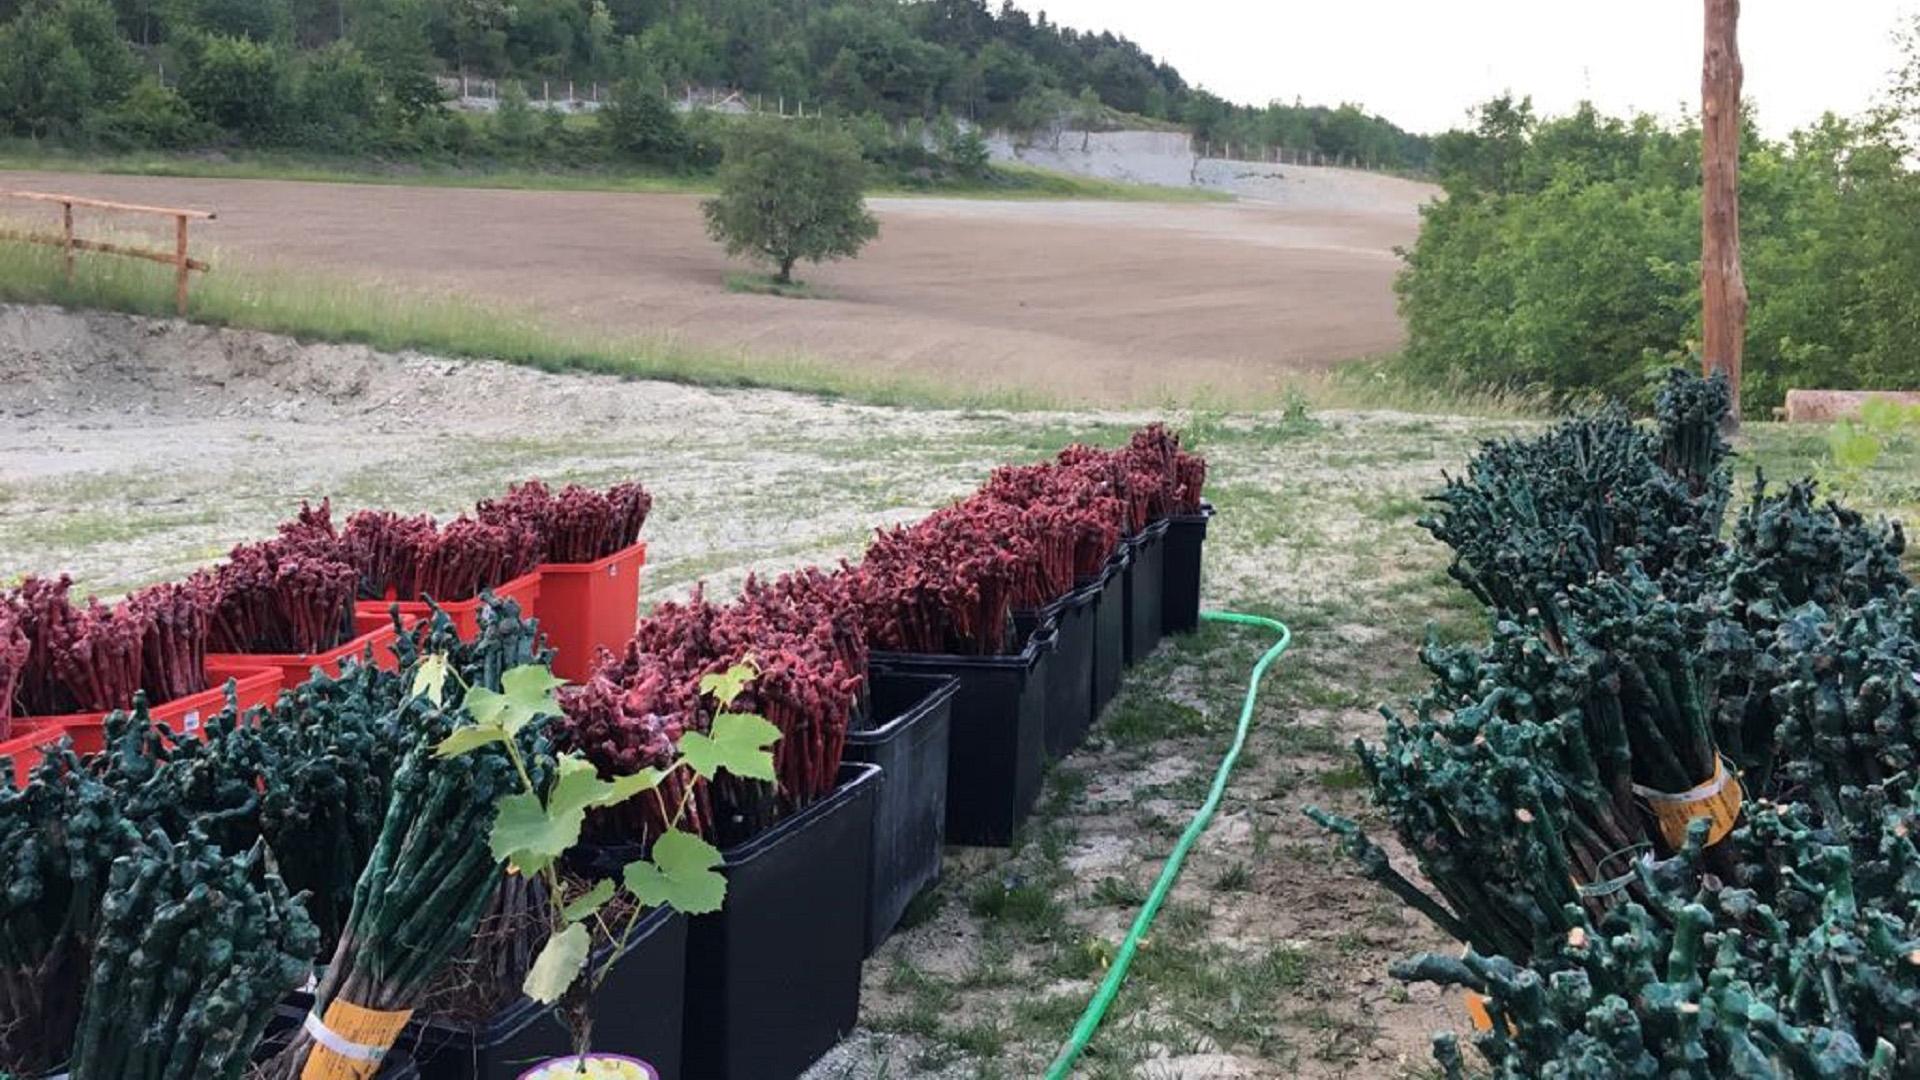 Azienda Agricola RoccaVinealis | Roccavignale, Provincia di Savona | Coltivazione di Granaccia | Vino Rosso della Liguria | Roccavinealis Azienda Agricola Granaccia